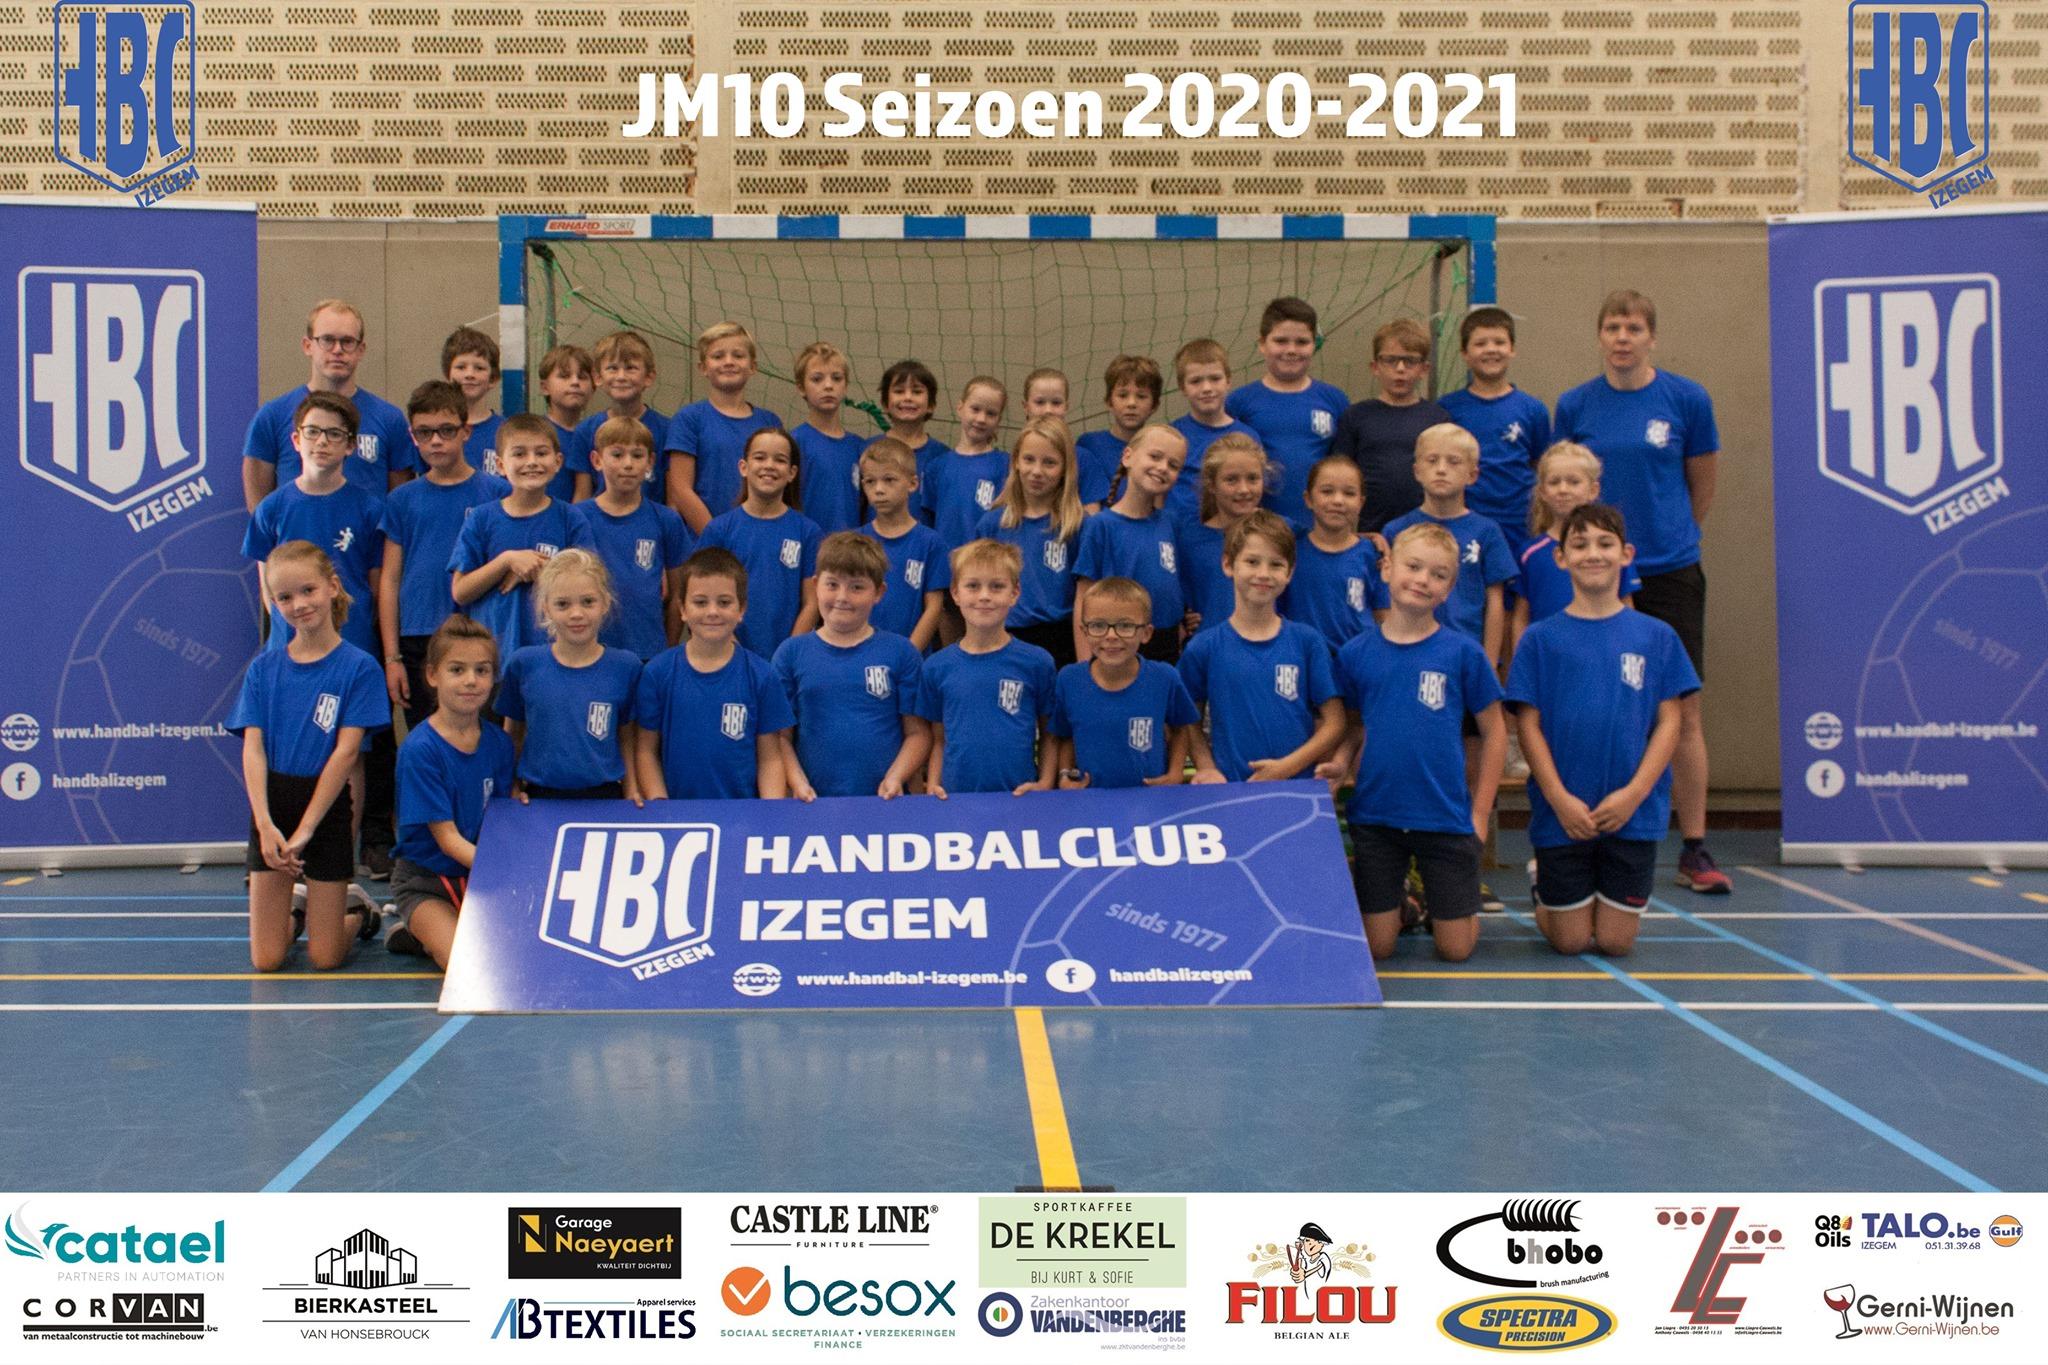 HBC Izegem JM10 2020-2021